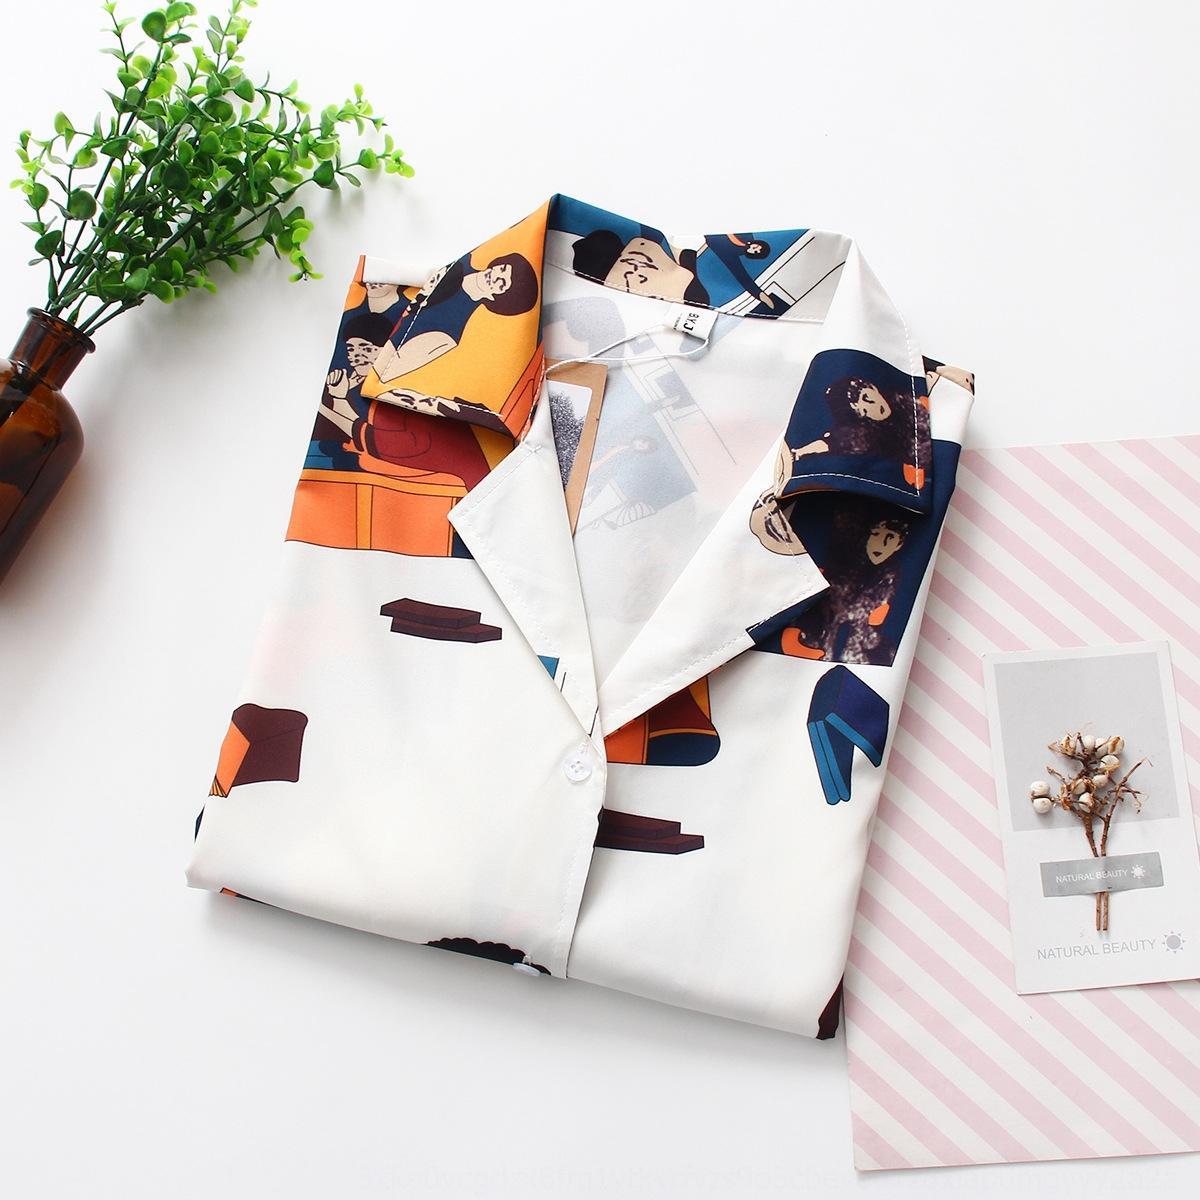 svnPh лето 2019 новую рубашку костюм носить корейский студент рукав блудниц воротник короткий стиль шифон рубашка